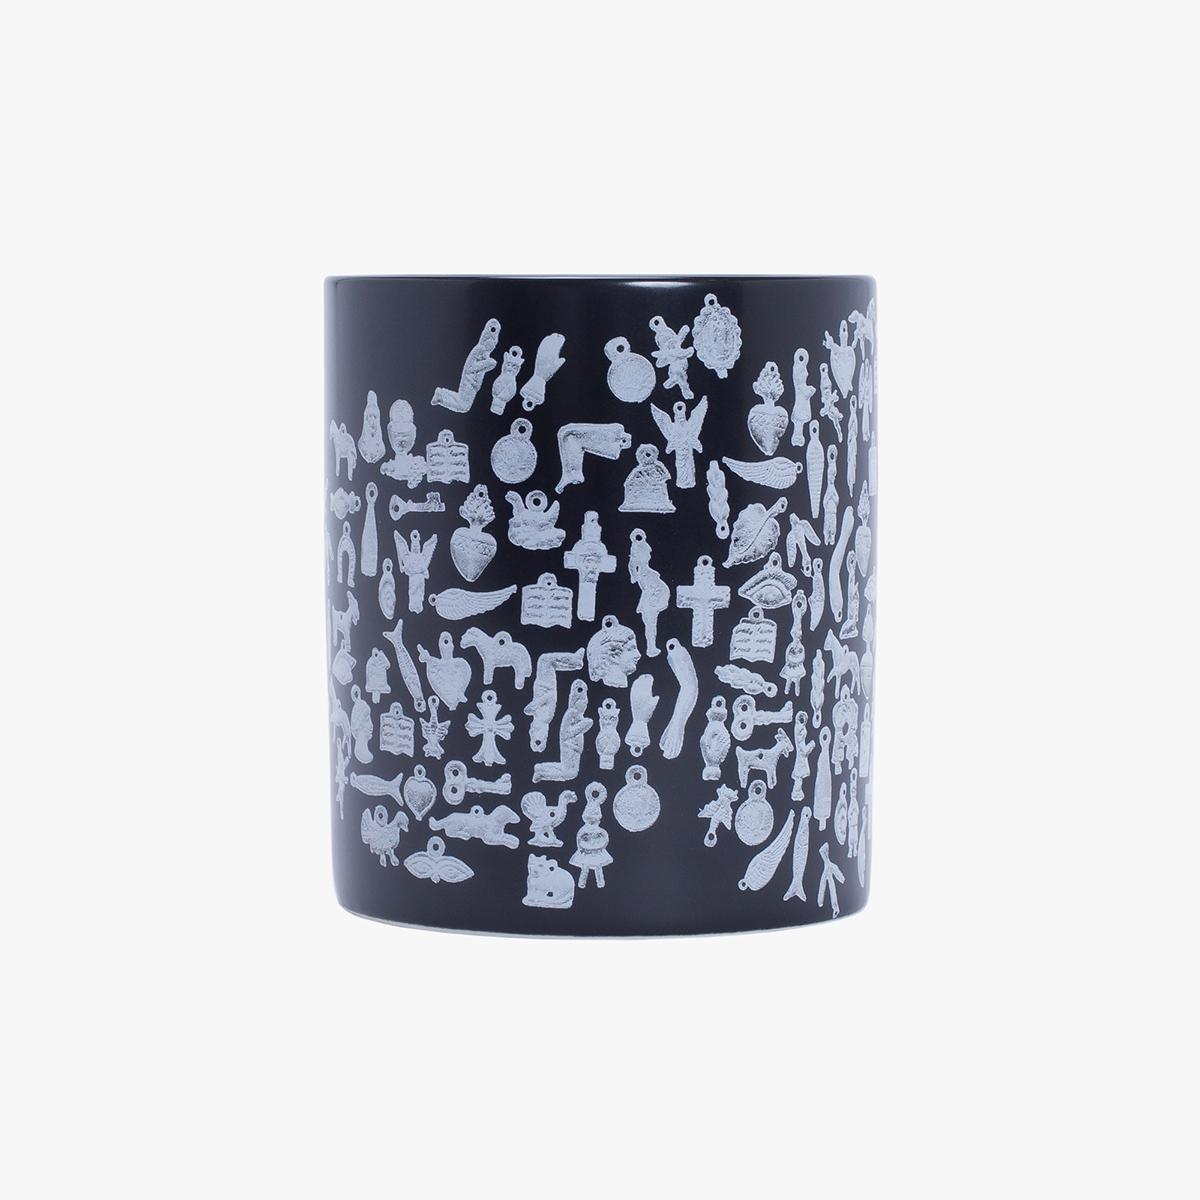 Reversible Nylon Bomber – Jet Black / Collage Art